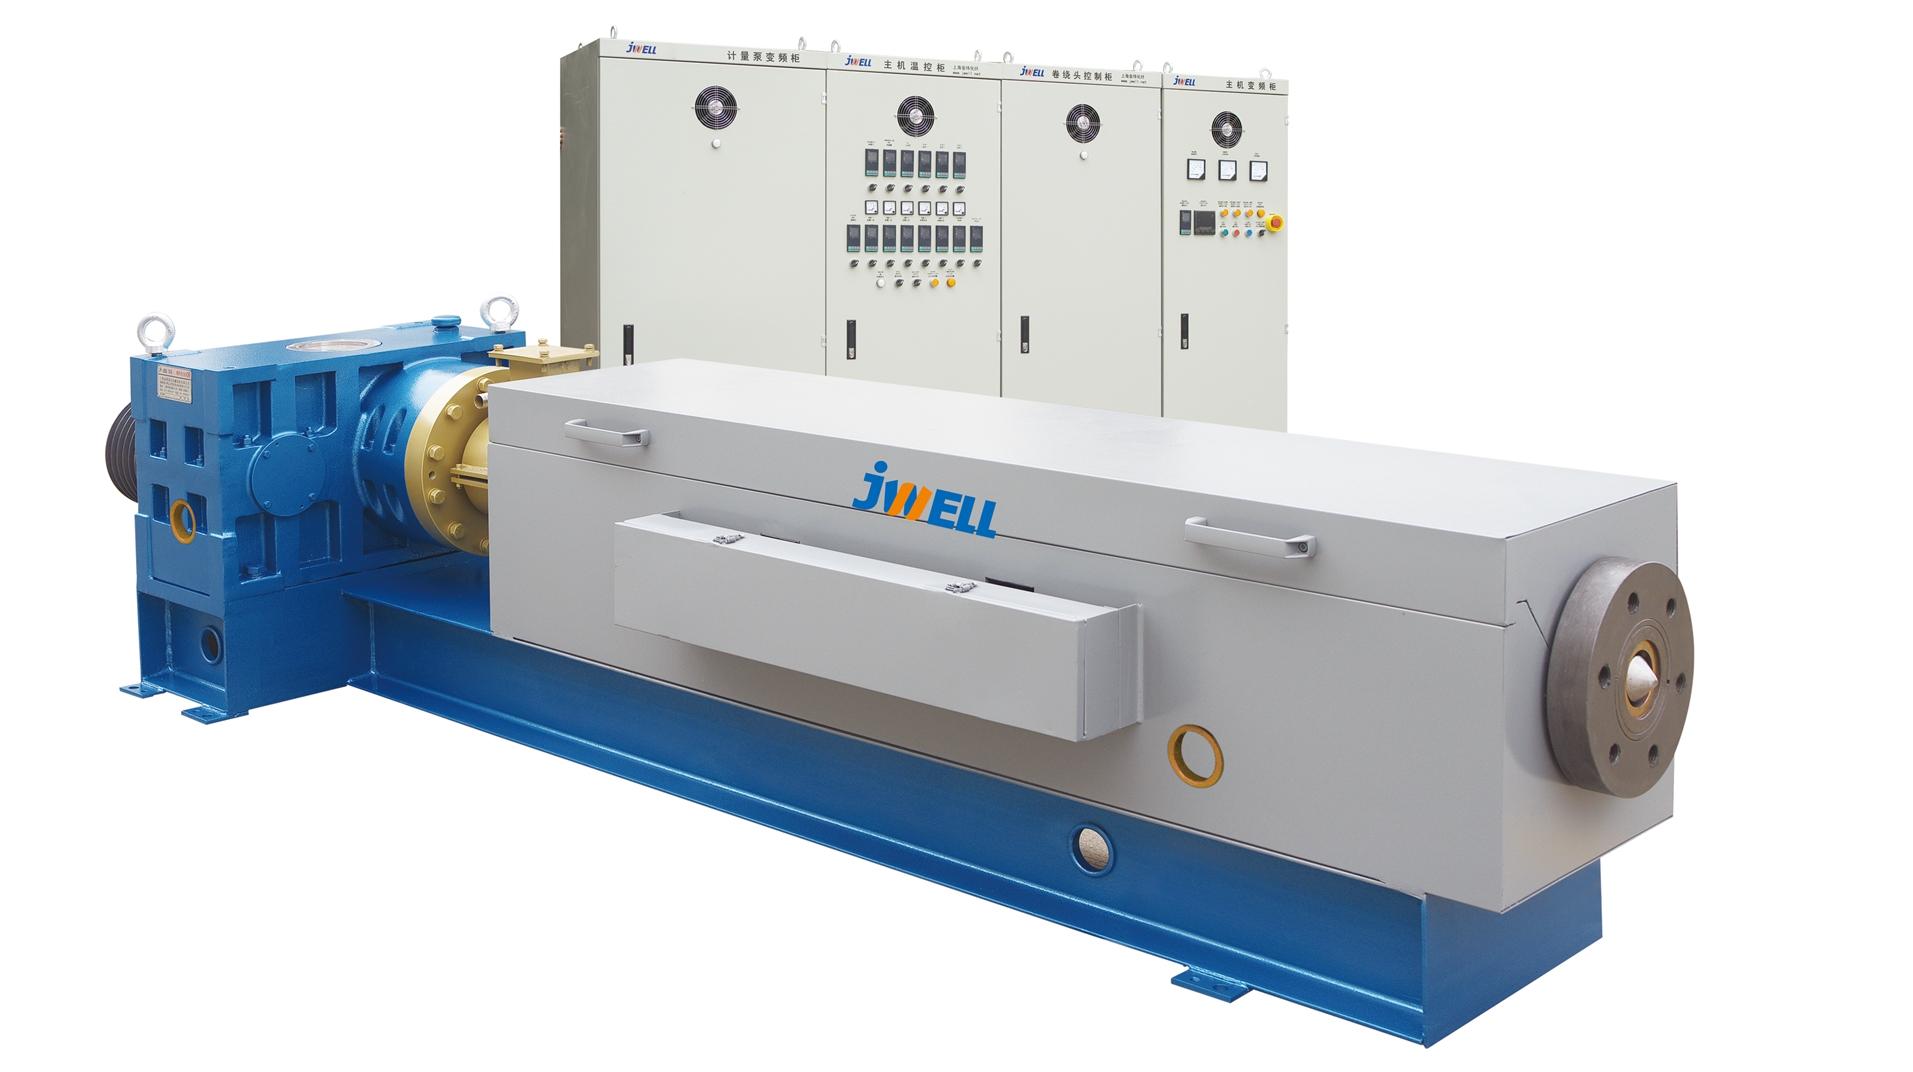 纺丝部件——JWM 化纤挤出机系列